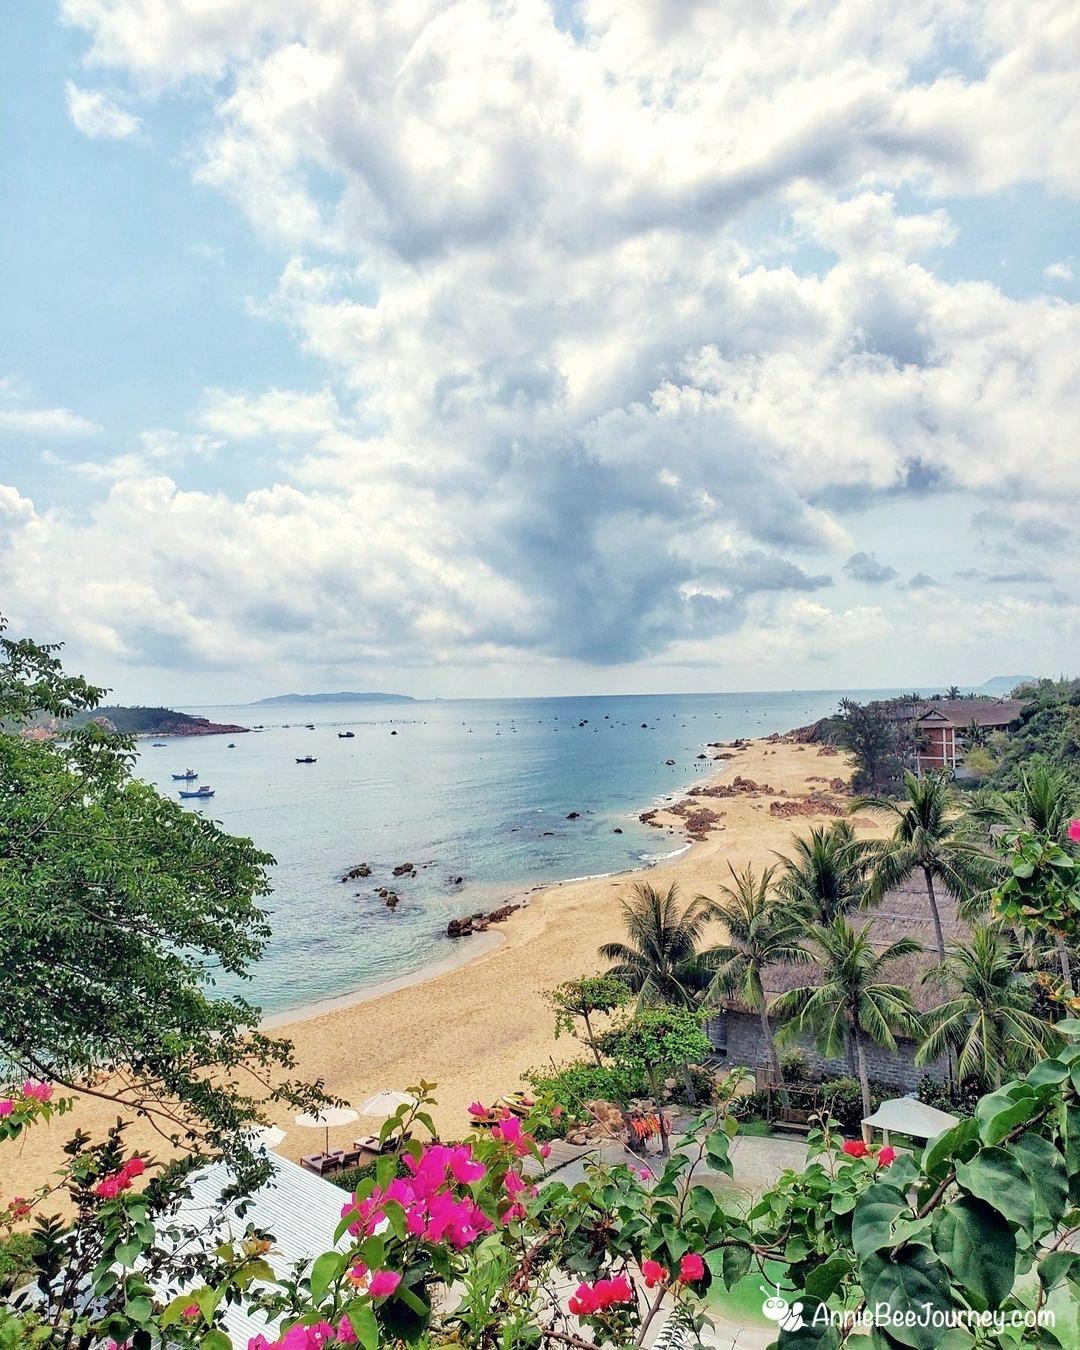 Beach at Casa Marina resort Quy Nhon, Vietnam